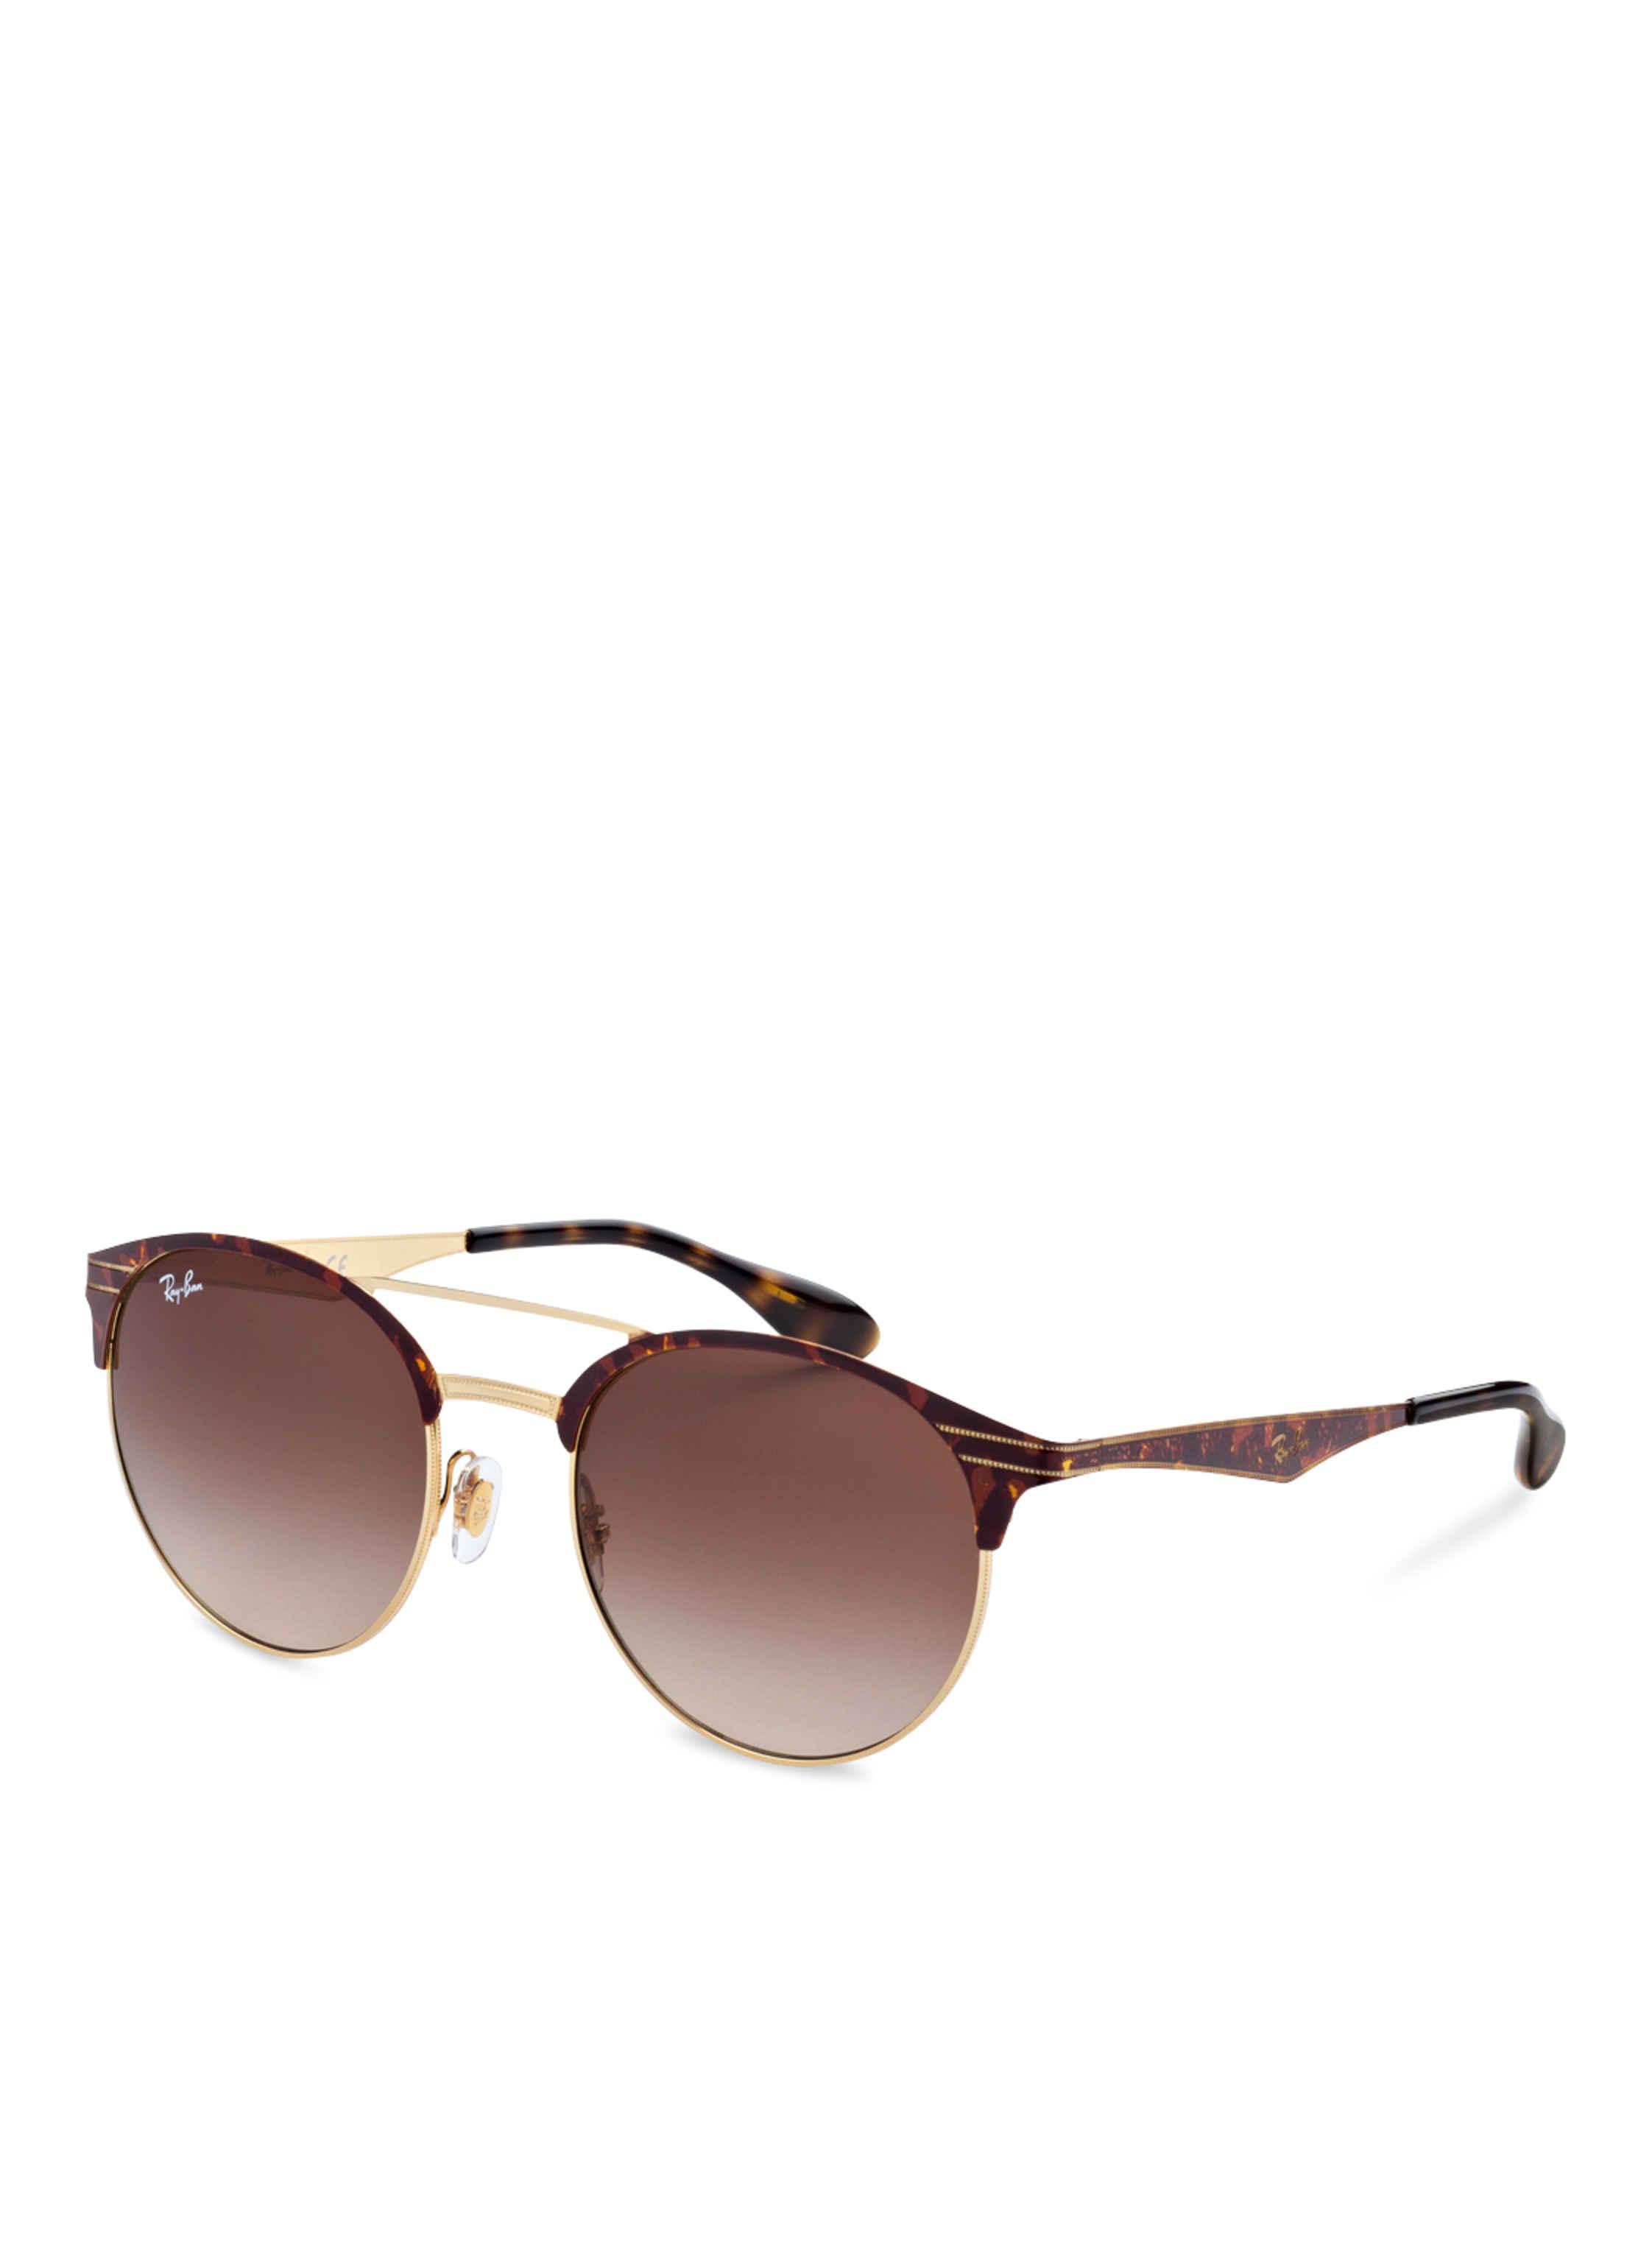 Sonnenbrille RB3545 von Ray-Ban bei Breuninger kaufen